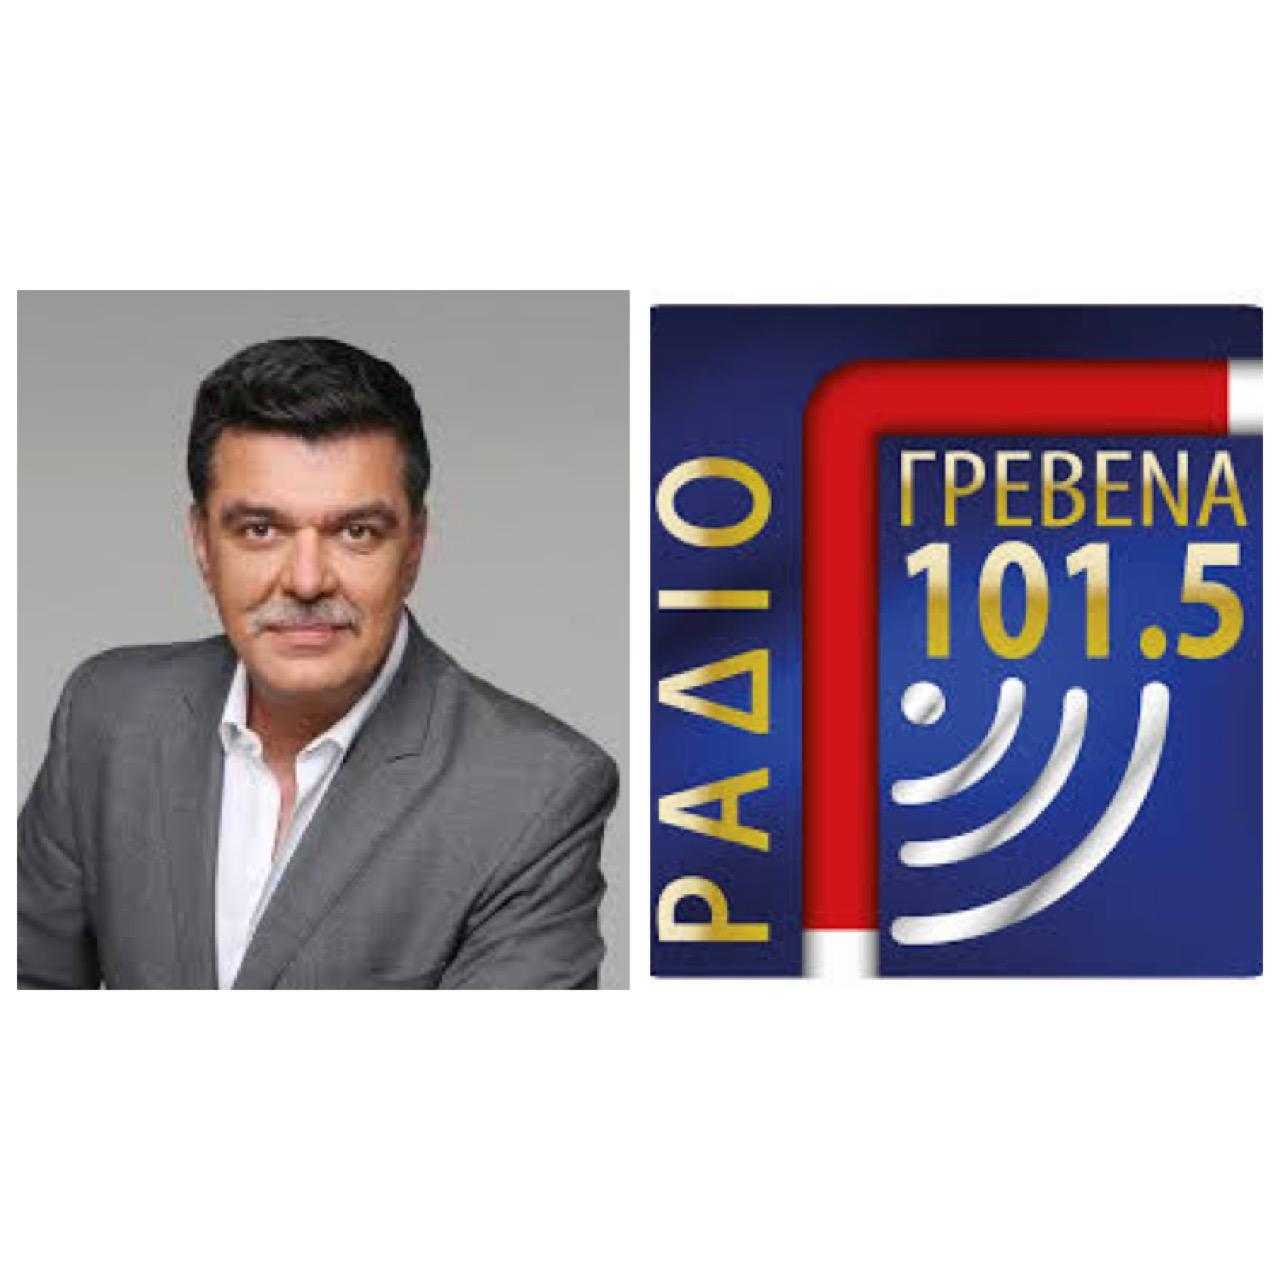 Αύριο Δευτέρα 14 Οκτωβρίου ο Βουλευτής Γρεβενών Ανδρέας Πάτσης στο Ράδιο Γρεβενά 101.5